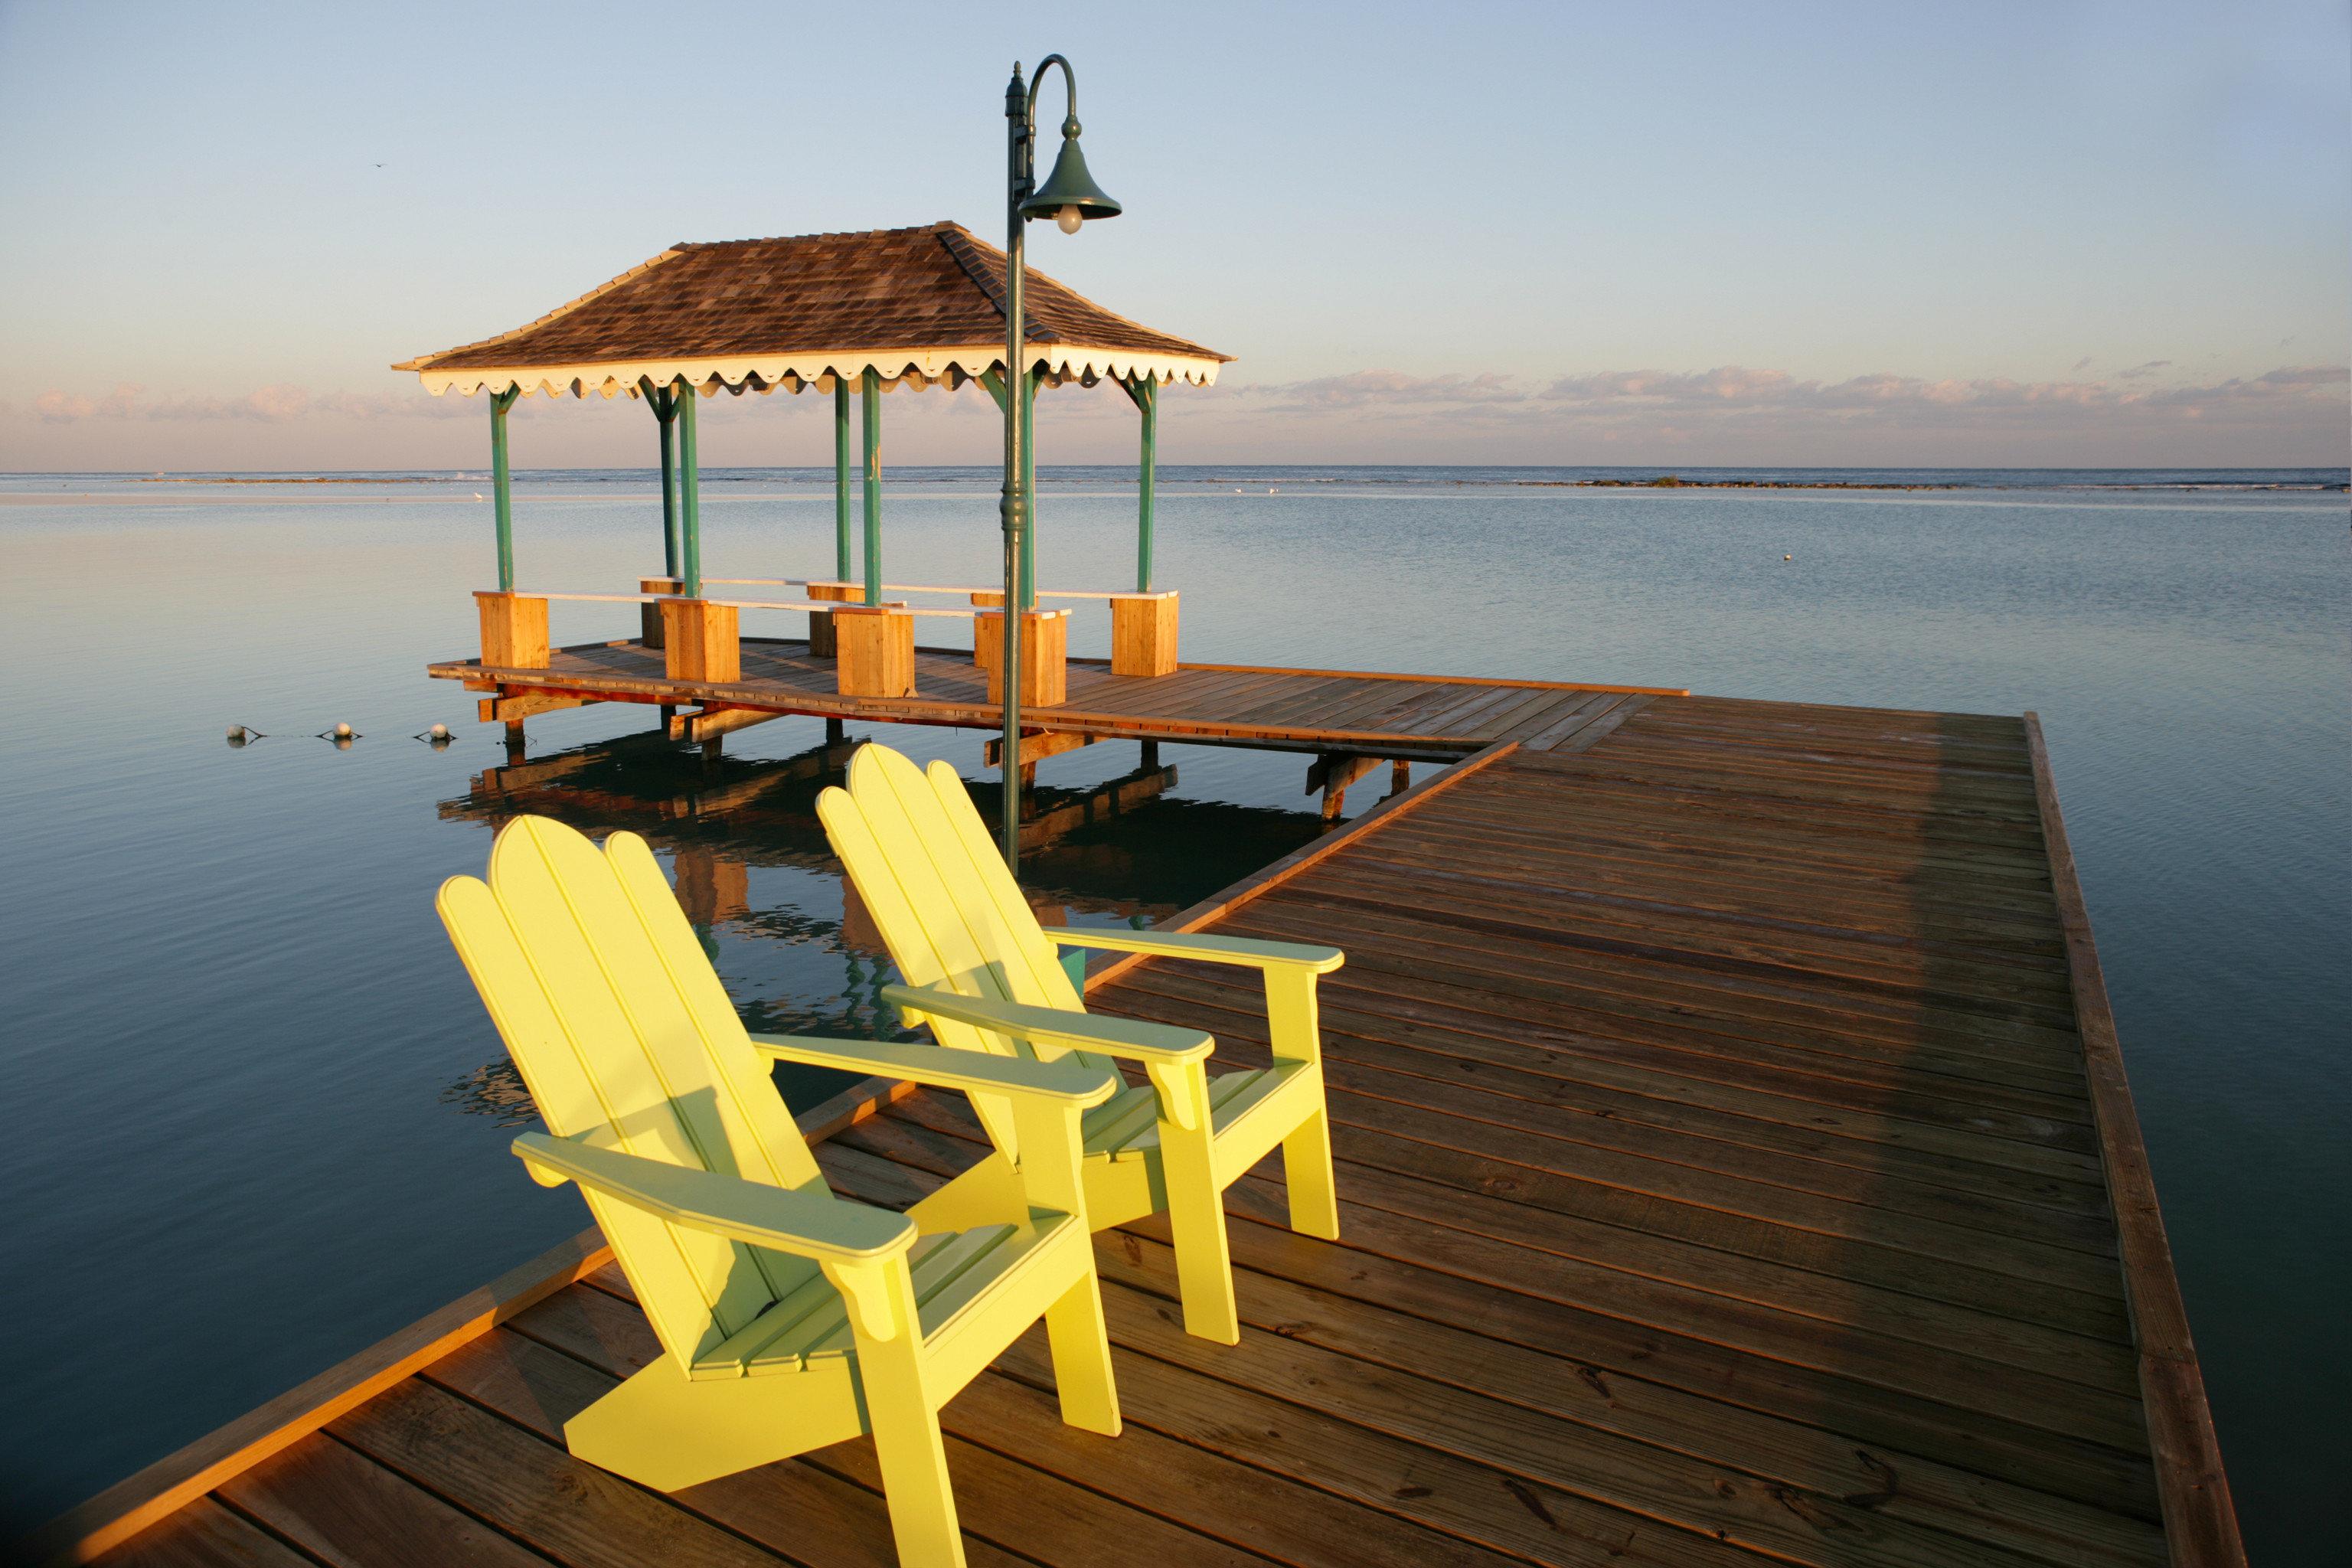 Beachfront Grounds Island sky water Beach chair Sea pier wooden Ocean dock shore Coast walkway Resort vehicle boardwalk overlooking